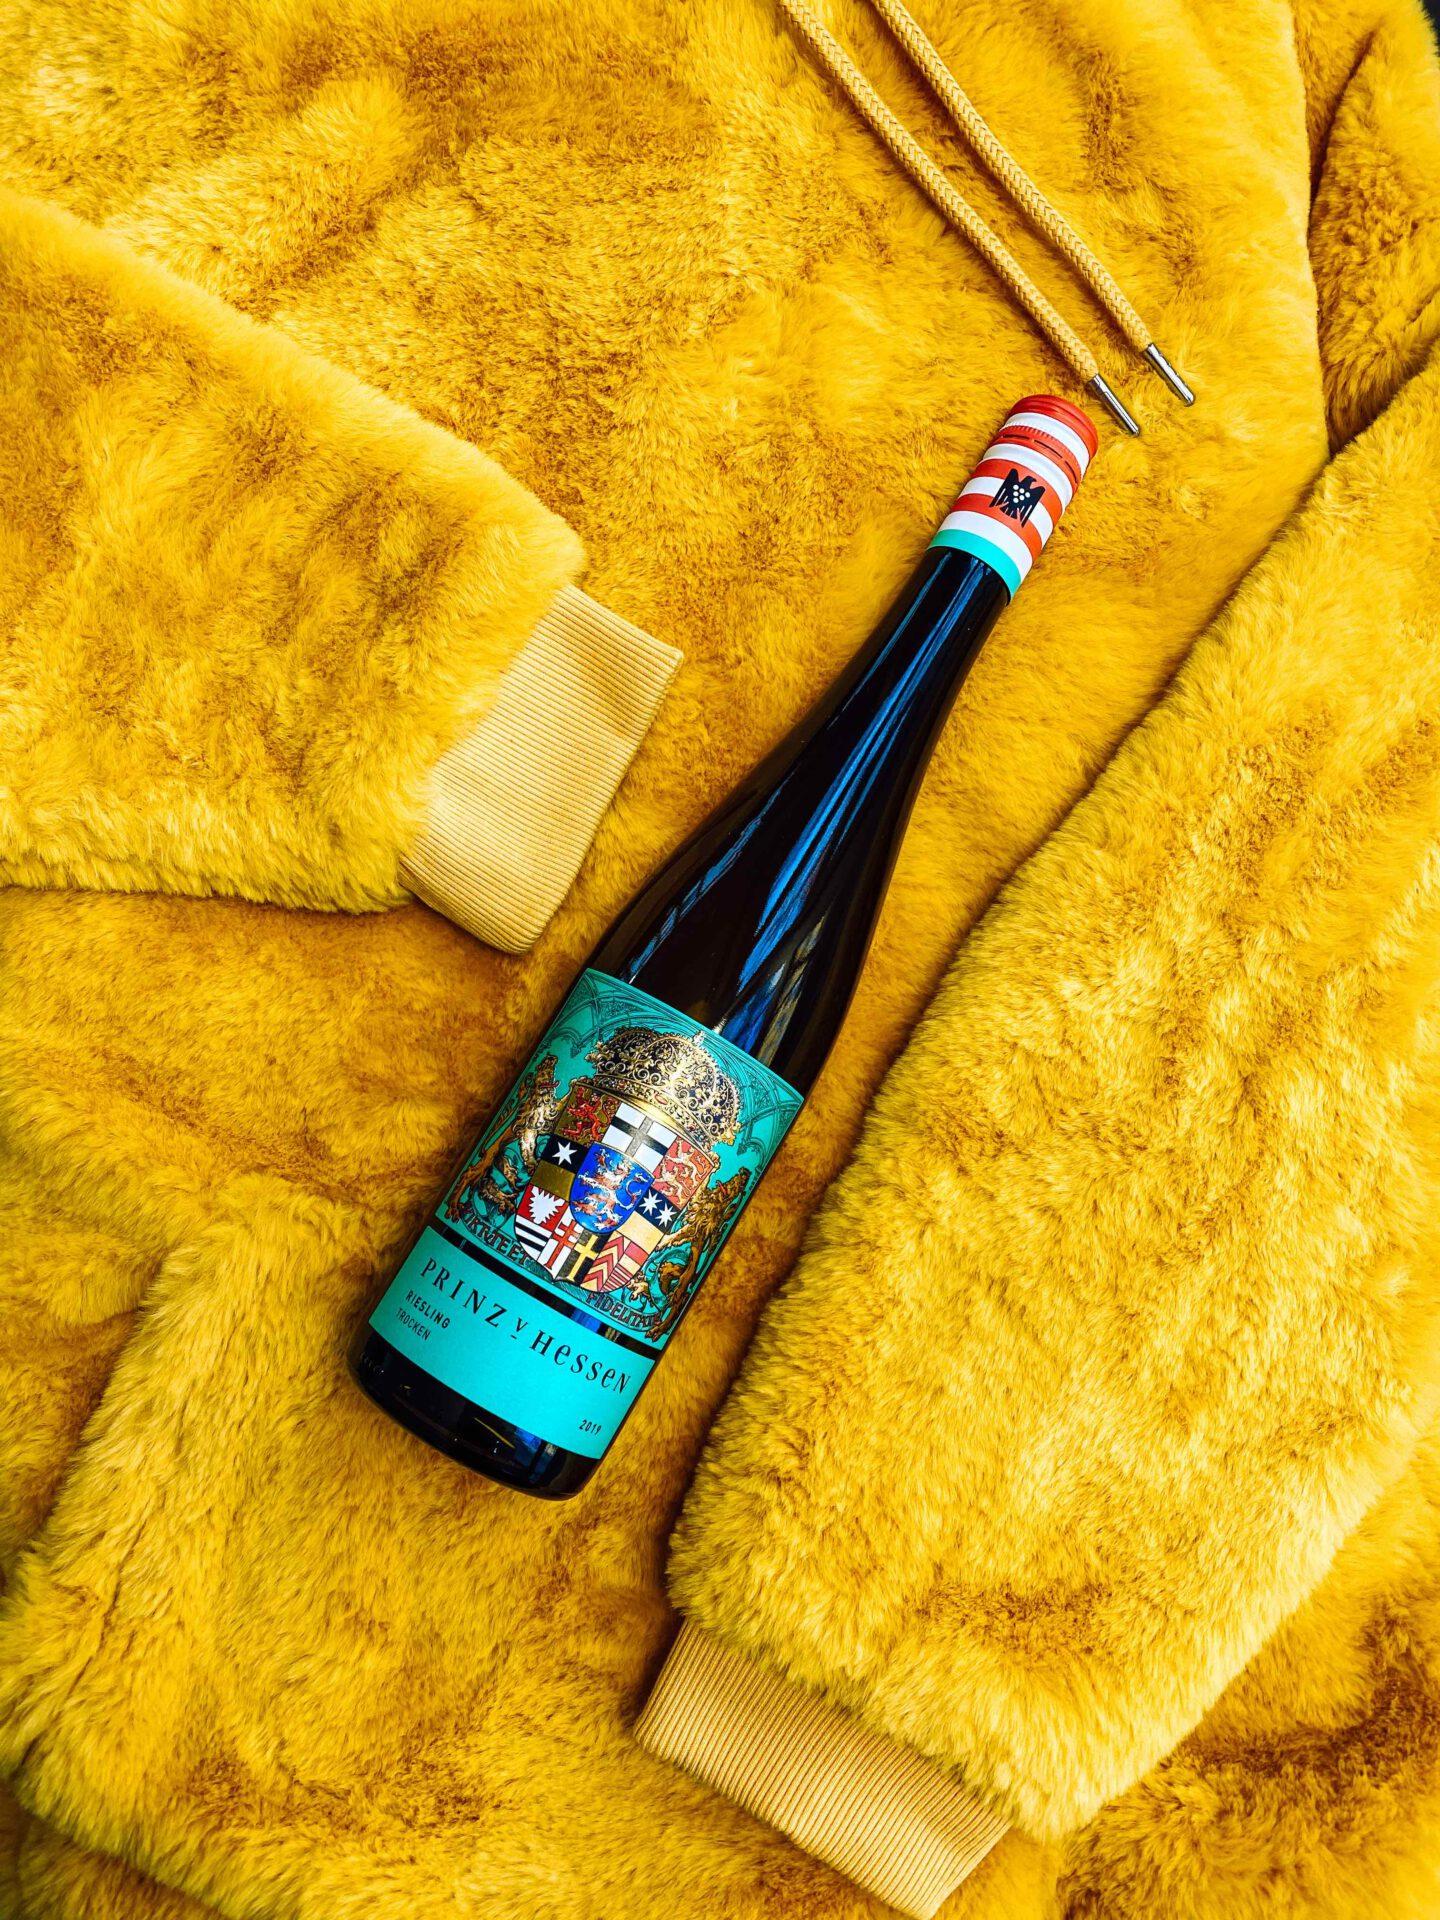 prinz von hessen riesling wein tipp Wein-Geheimtipps